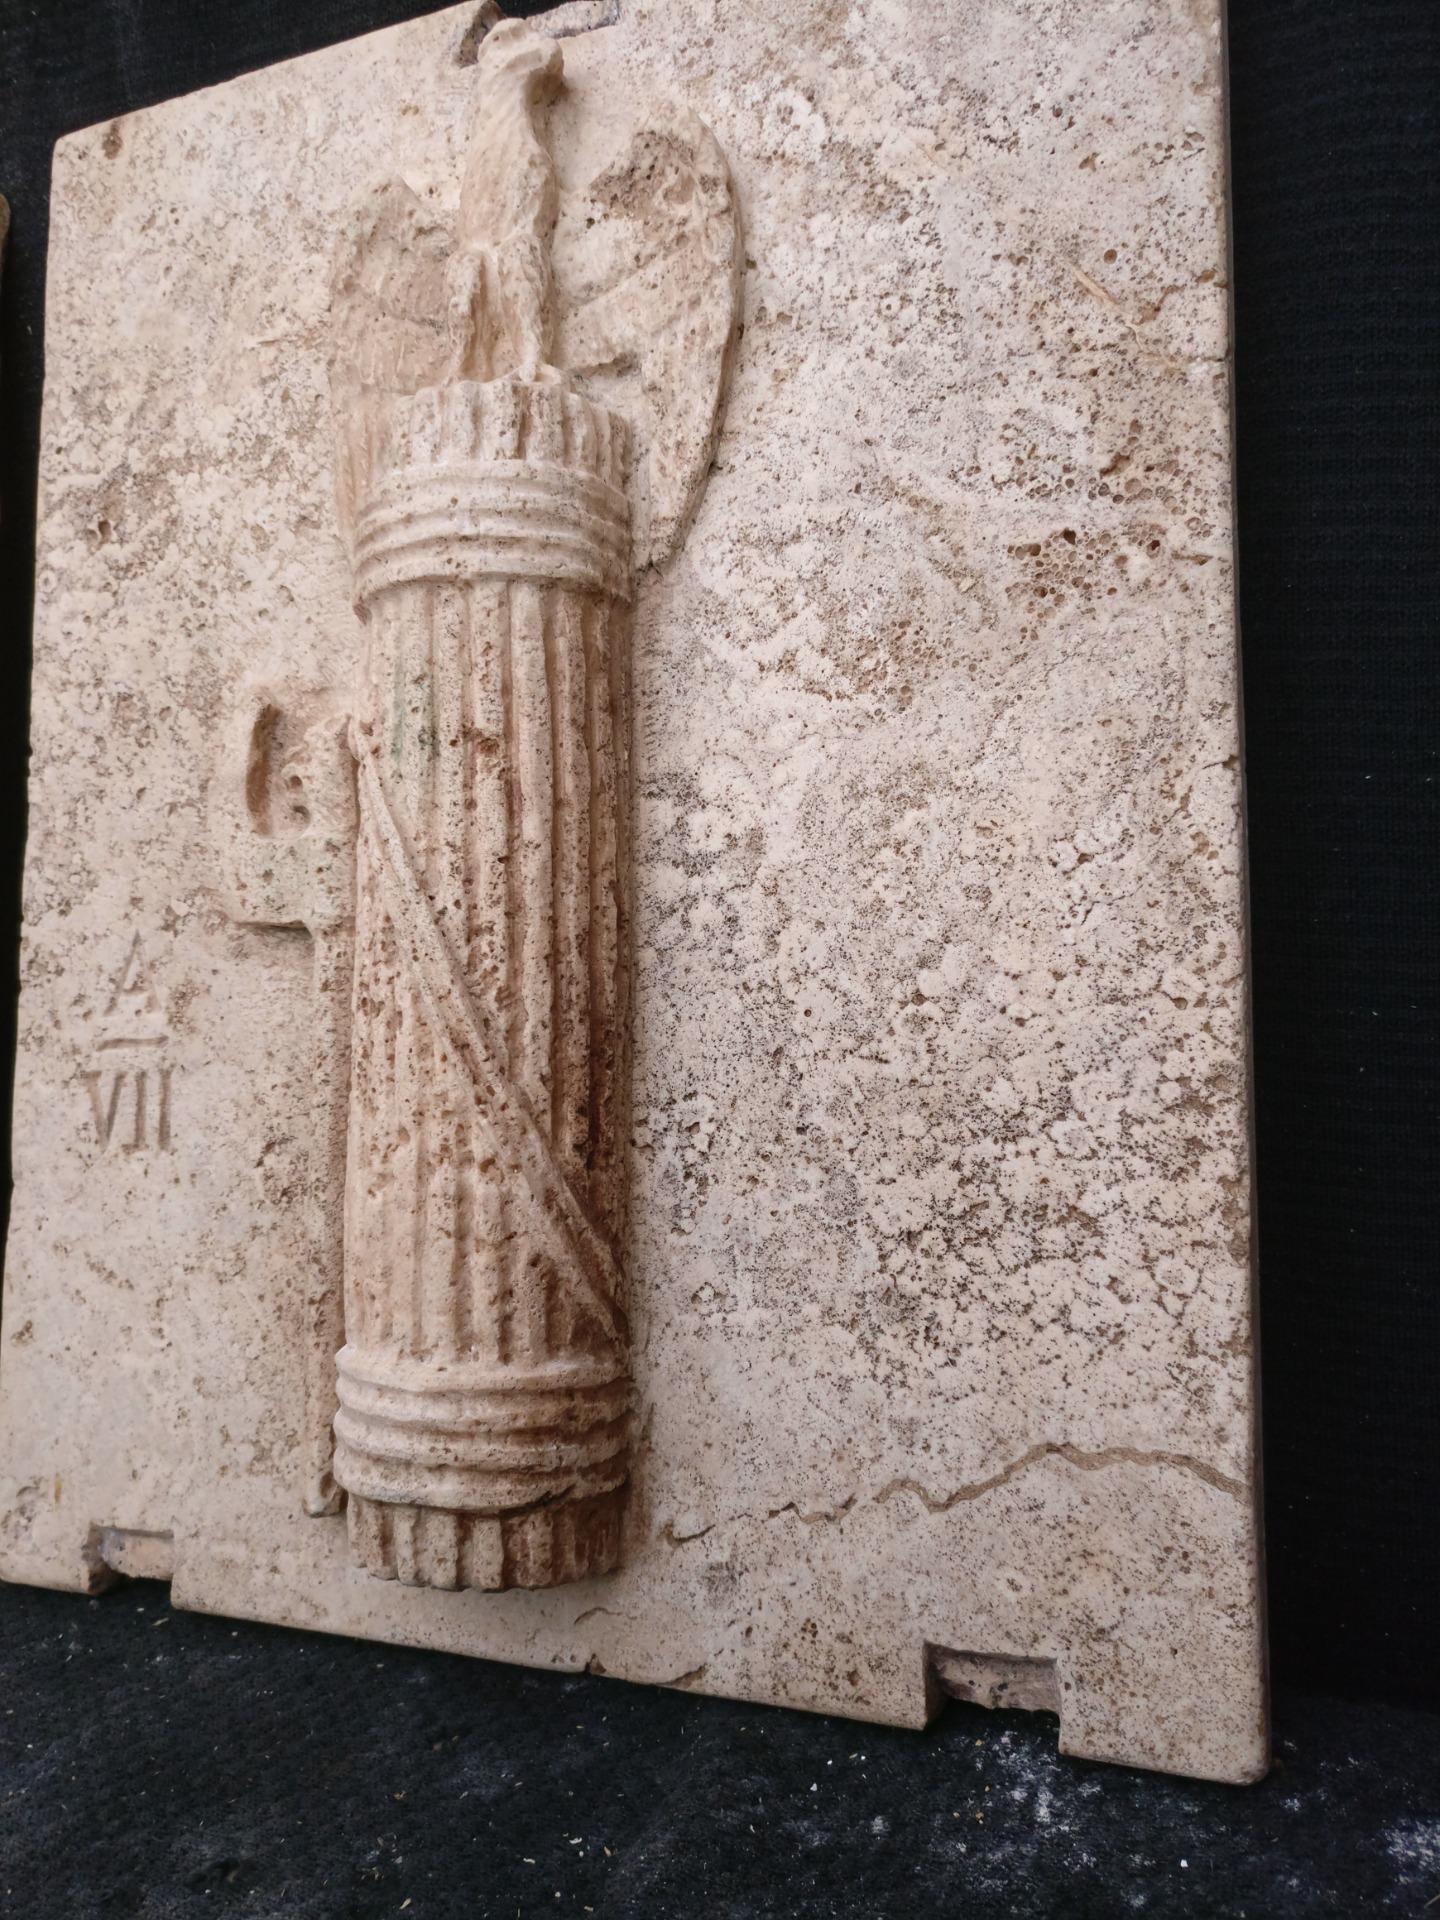 thumb6 Magnifica Coppia di Fasci Littori in Travertino - Stemmi da muro - 32 x 40 cm - Roma - 1927/28